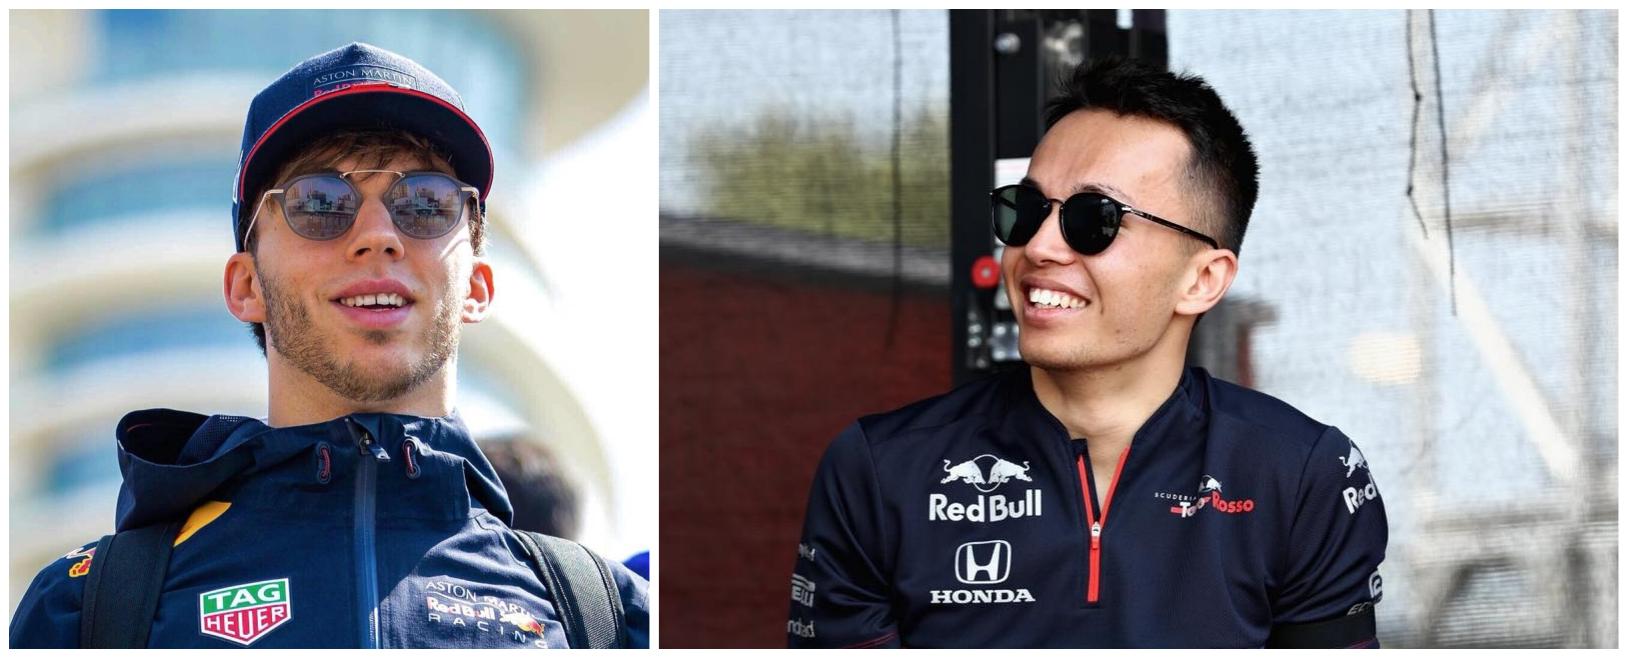 Photomontage montrant Pierre Gasly ( à gauche) et Alexander Albon (à droite), pilotes de Red Bull